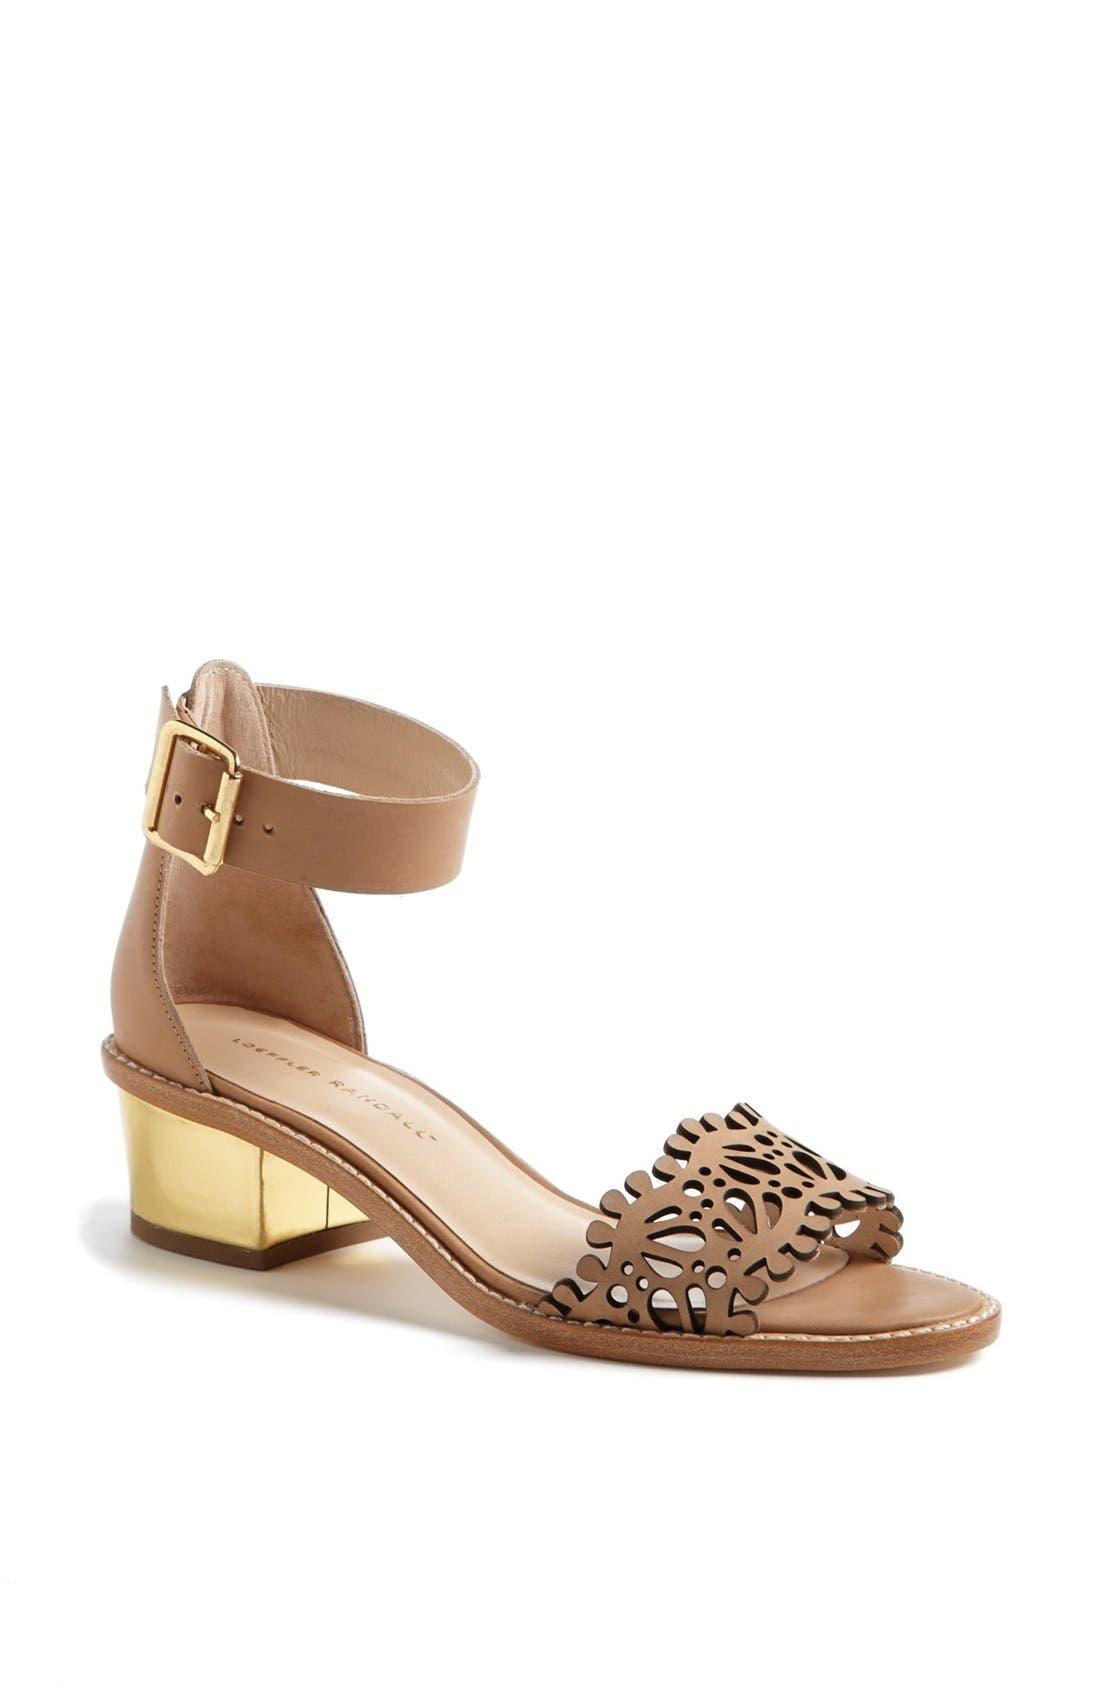 Alternate Image 1 Selected - Loeffler Randall 'Hopie' Ankle Strap Sandal (Online Only)